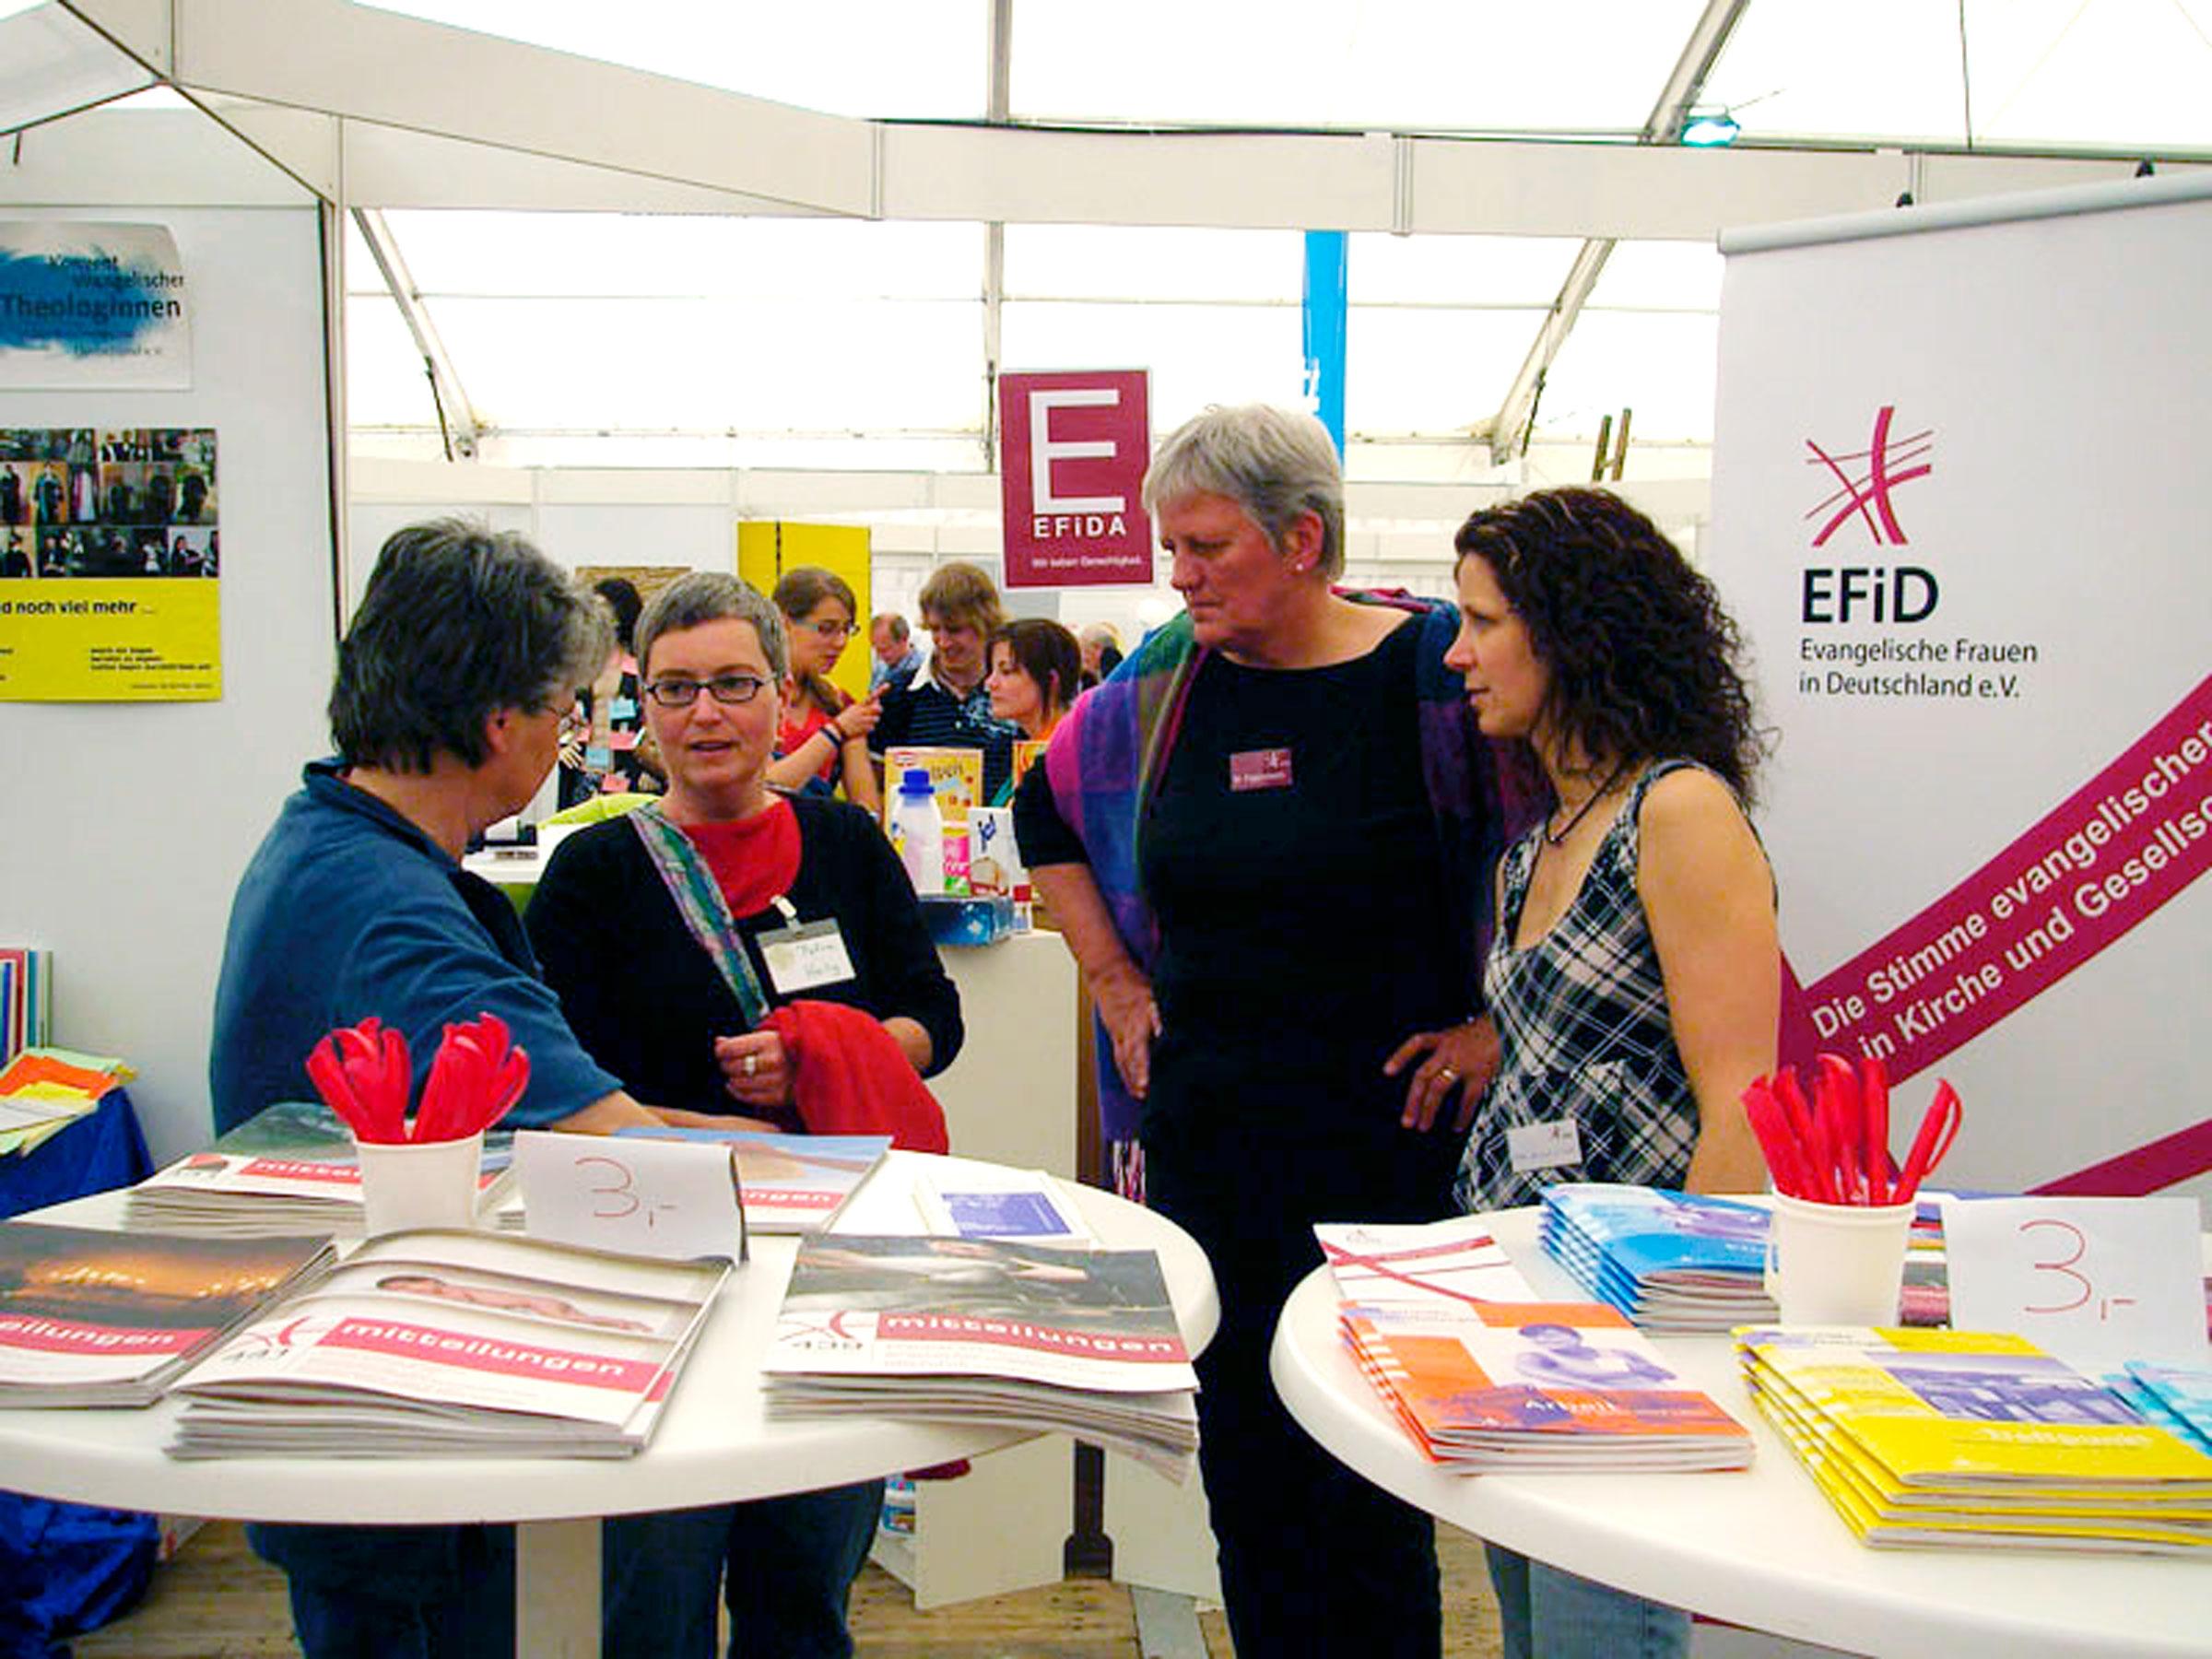 EFiD-bei-Kirchentag-in-Bremen